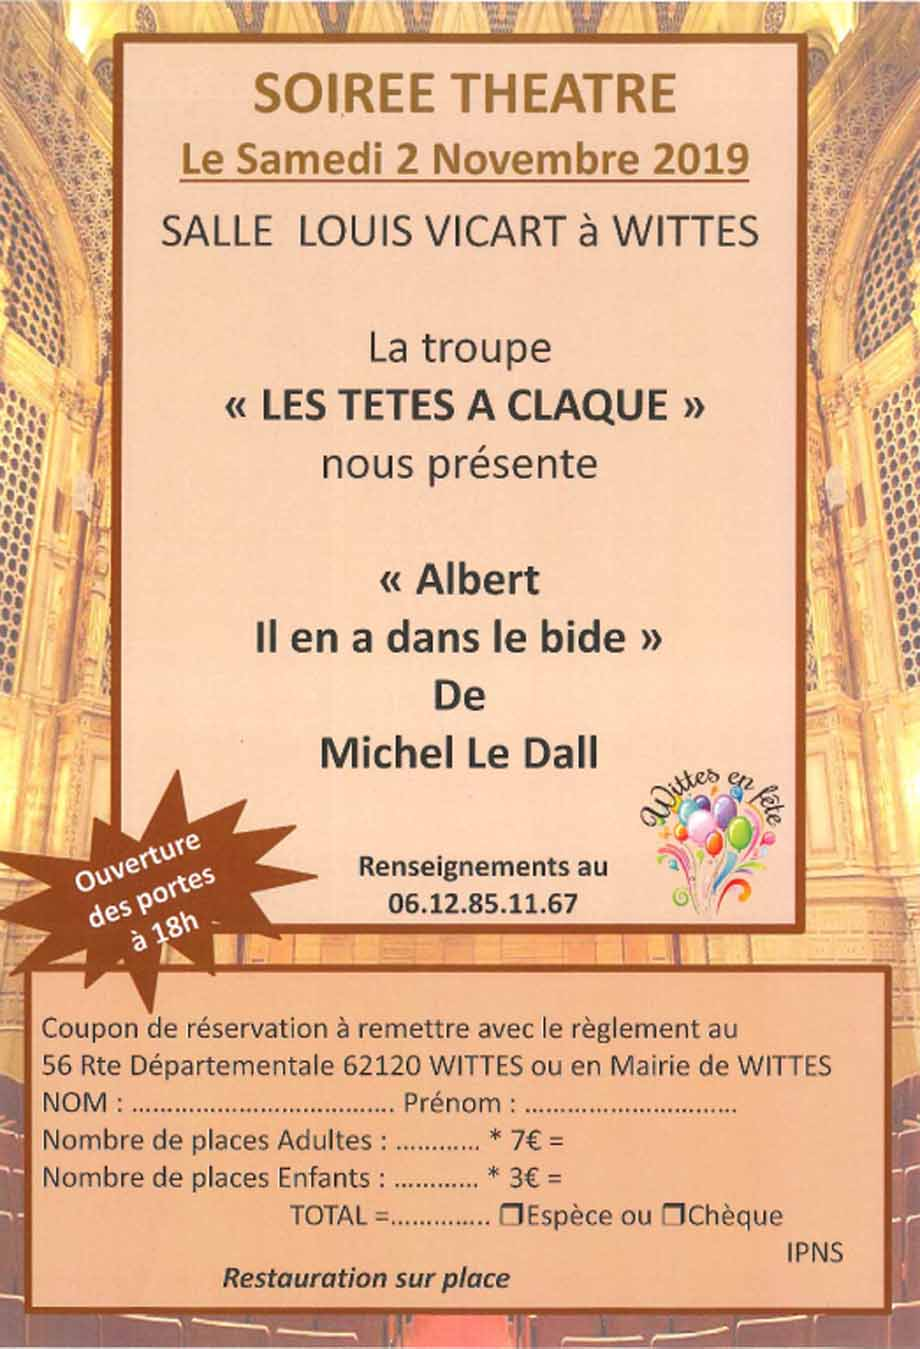 Soiree theatre du 2 novembre